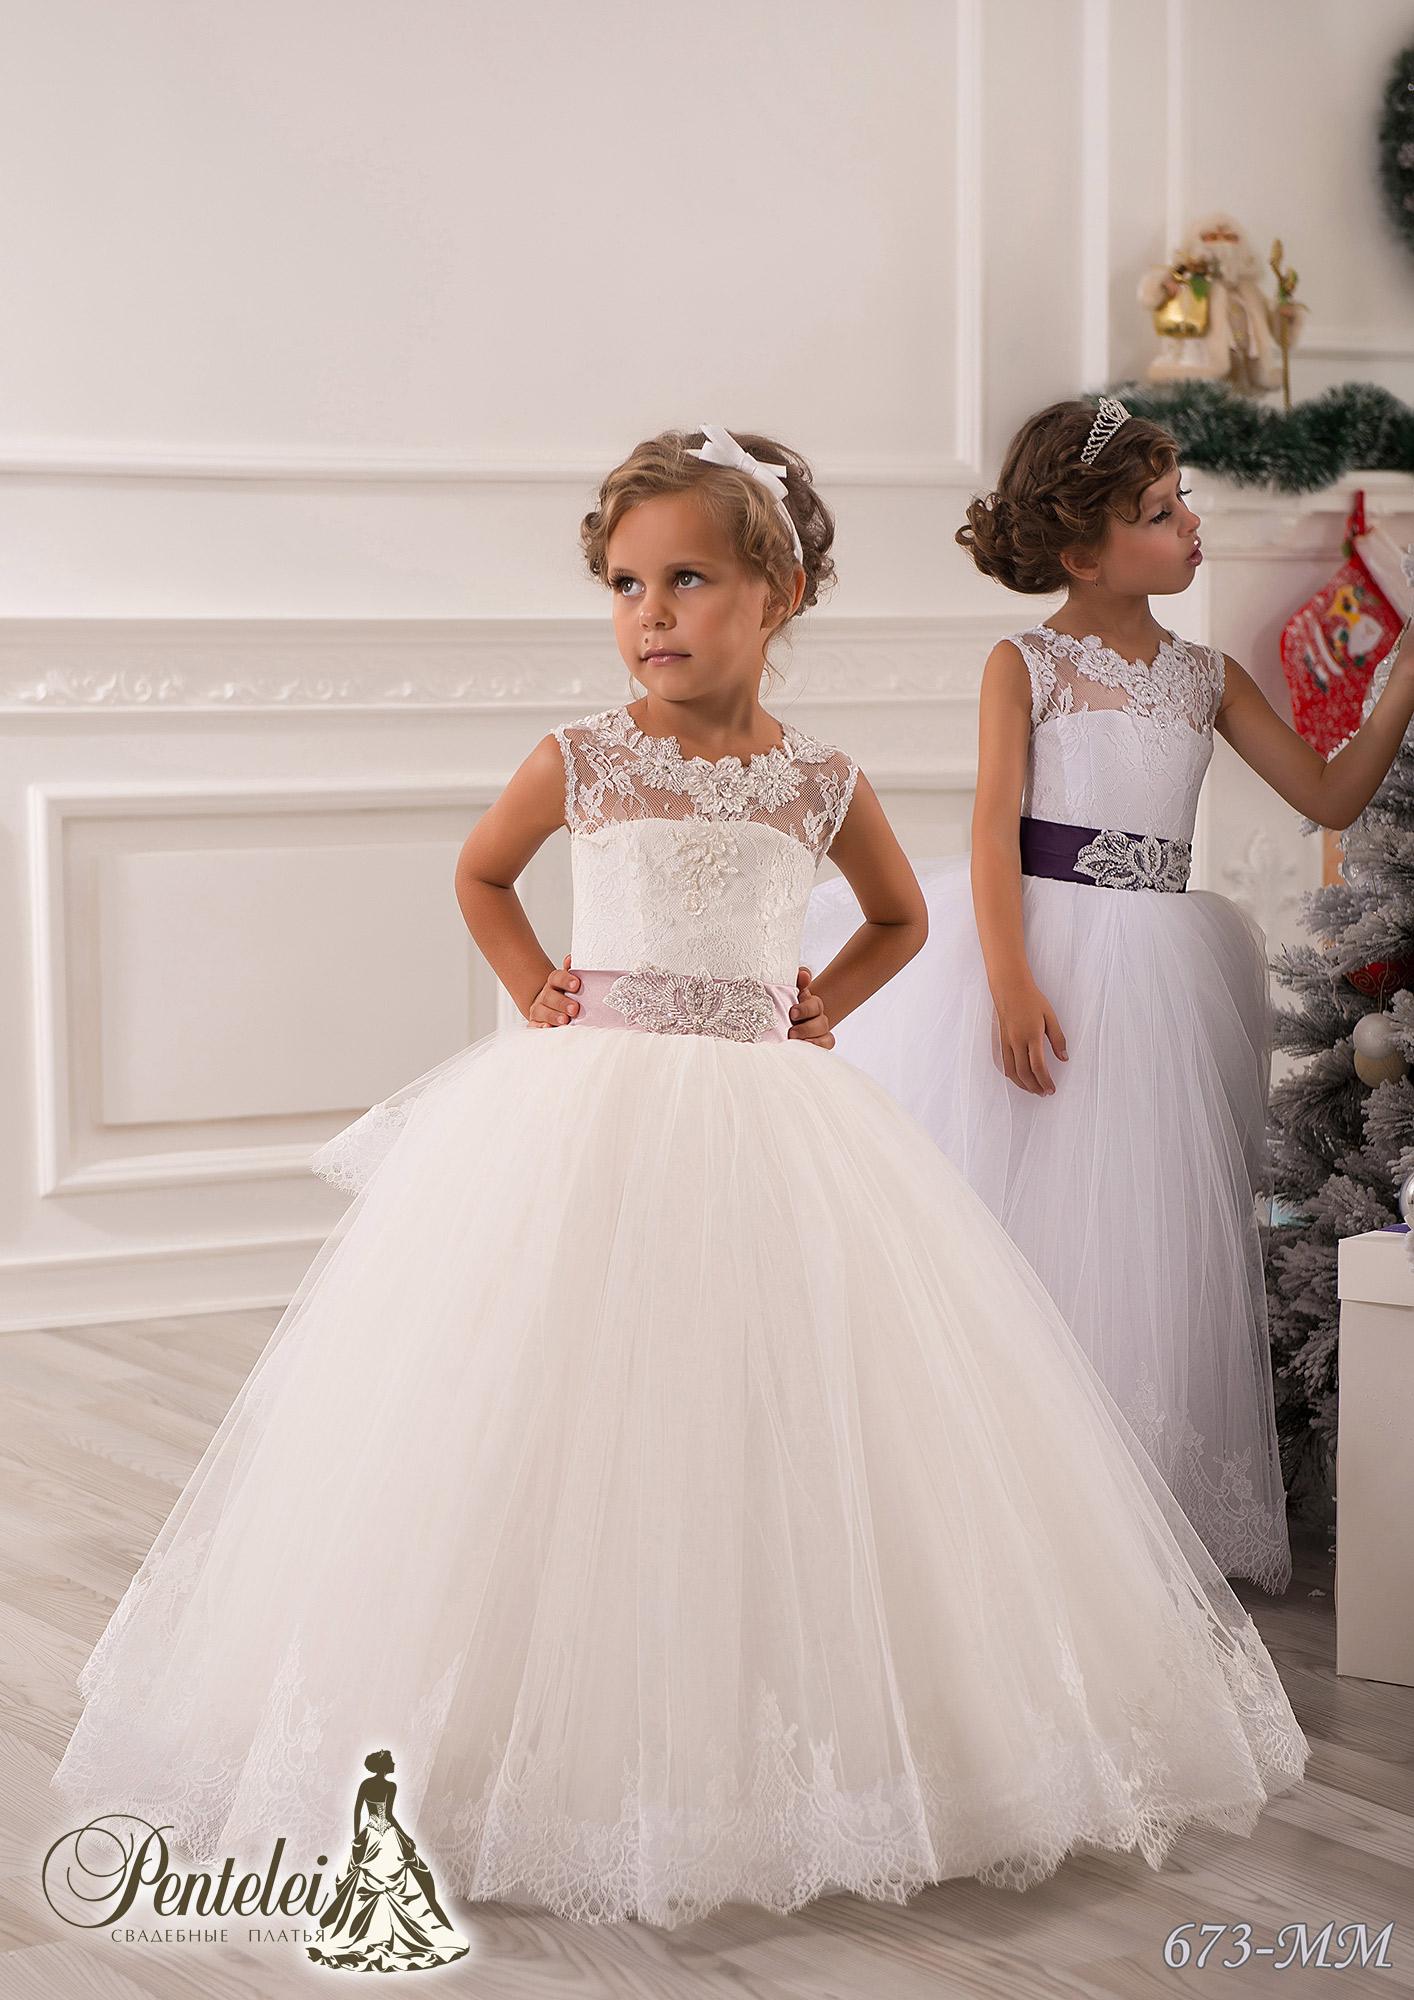 673-MM | Купити дитячі сукні оптом від Pentelei